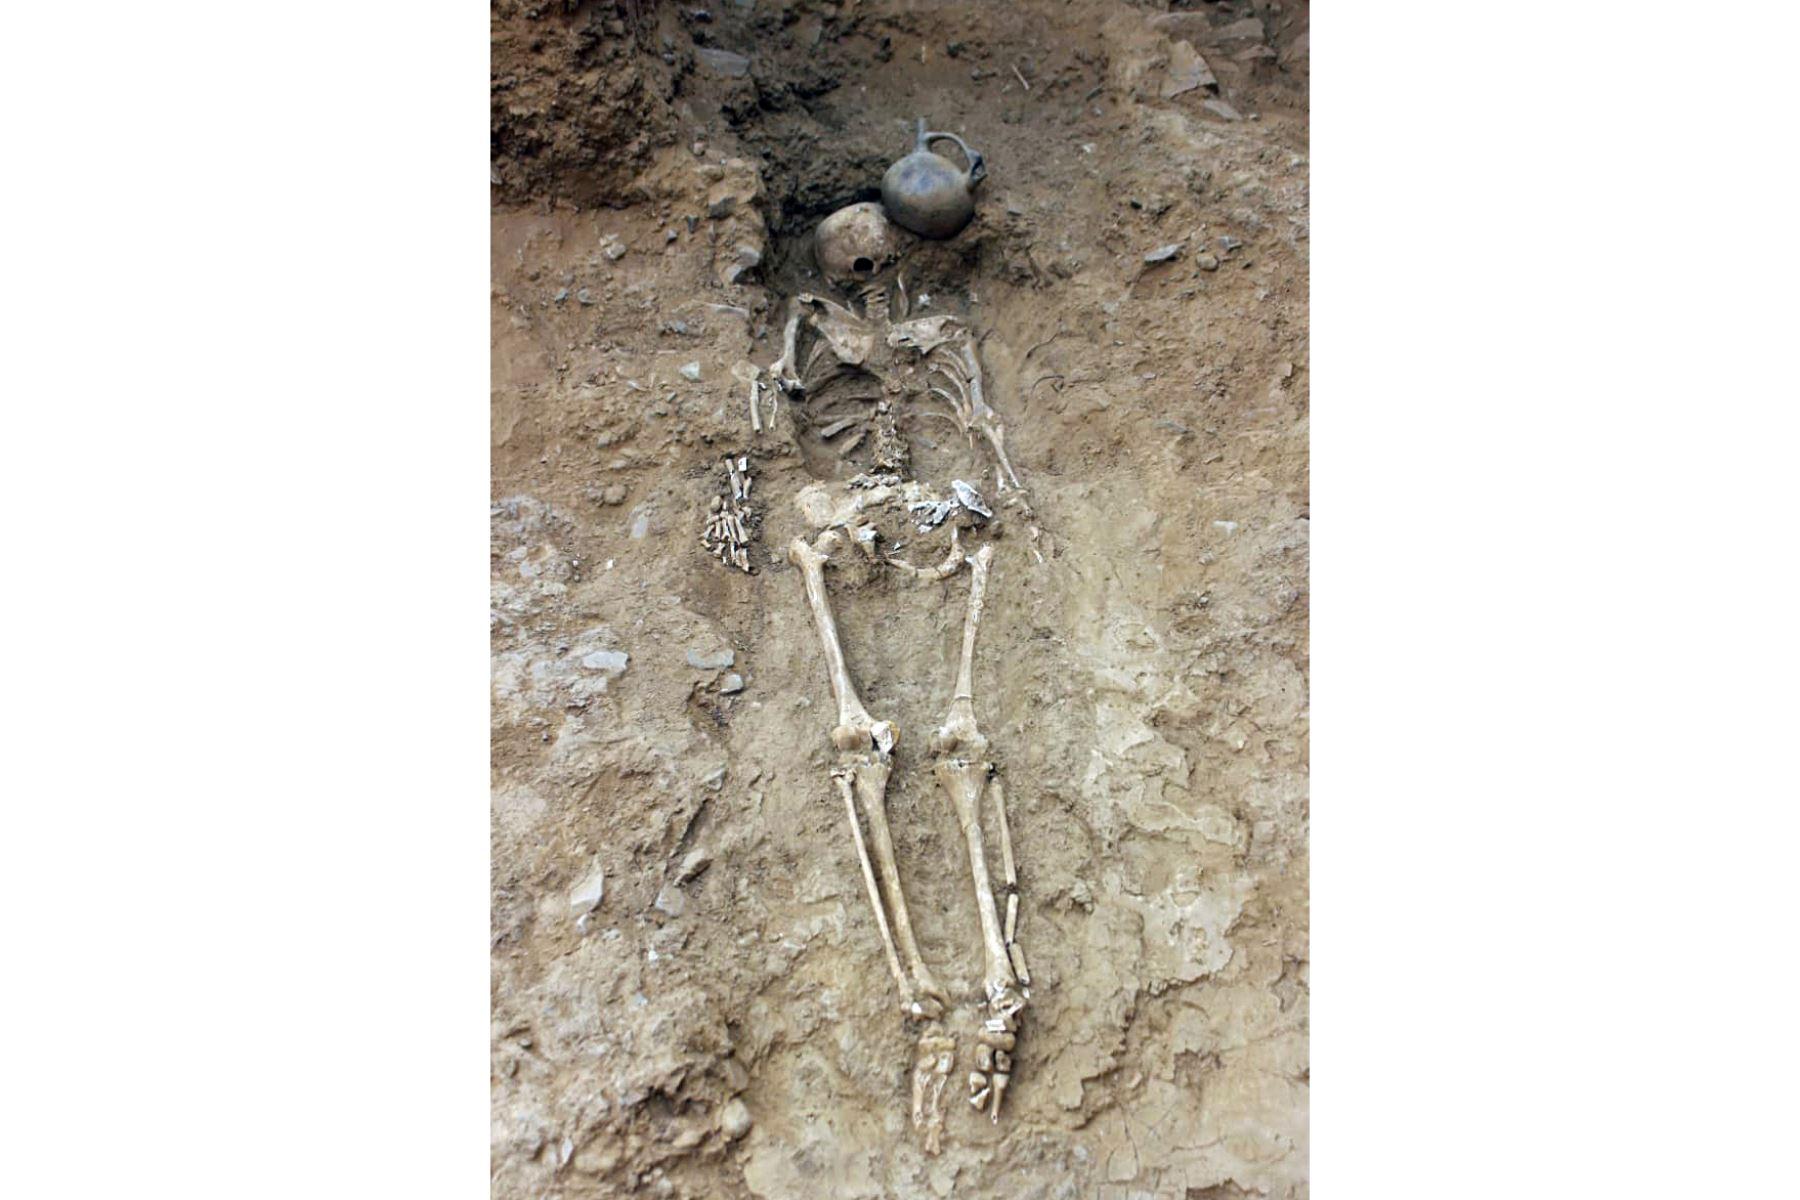 Restos humanos en el sitio de excavación de El Toro, donde se desenterró un templo megalítico de 3.000 años de antigüedad, en Oyotun, provincia de Chiclayo, departamento de Labayeque, Perú. El templo supuestamente se utilizó para organizar rituales paganos de culto al agua en el antiguo Perú. Foto: AFP